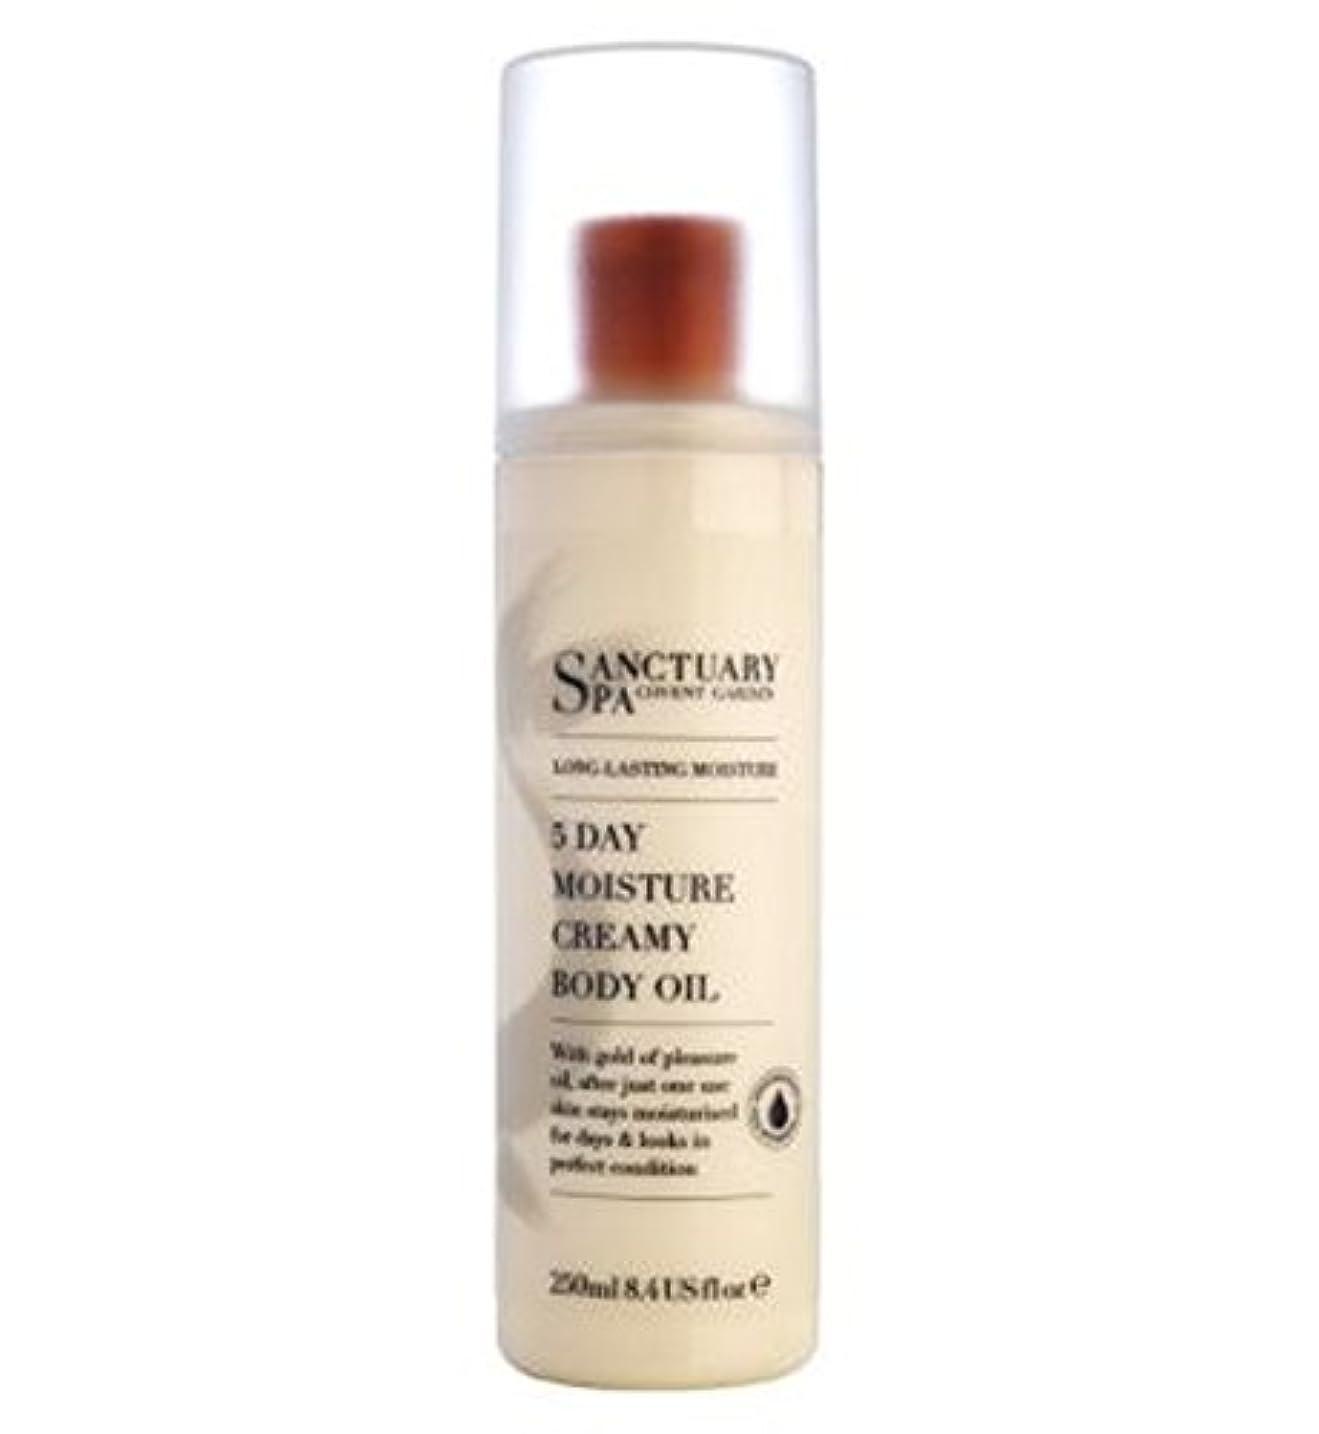 食い違い八恒久的Sanctuary Long Lasting Moisture 5 Day Moisture Creamy Body Oil 250ml - 聖域長期的な水分5日間の水分クリーミーボディオイル250ミリリットル (Sanctuary...